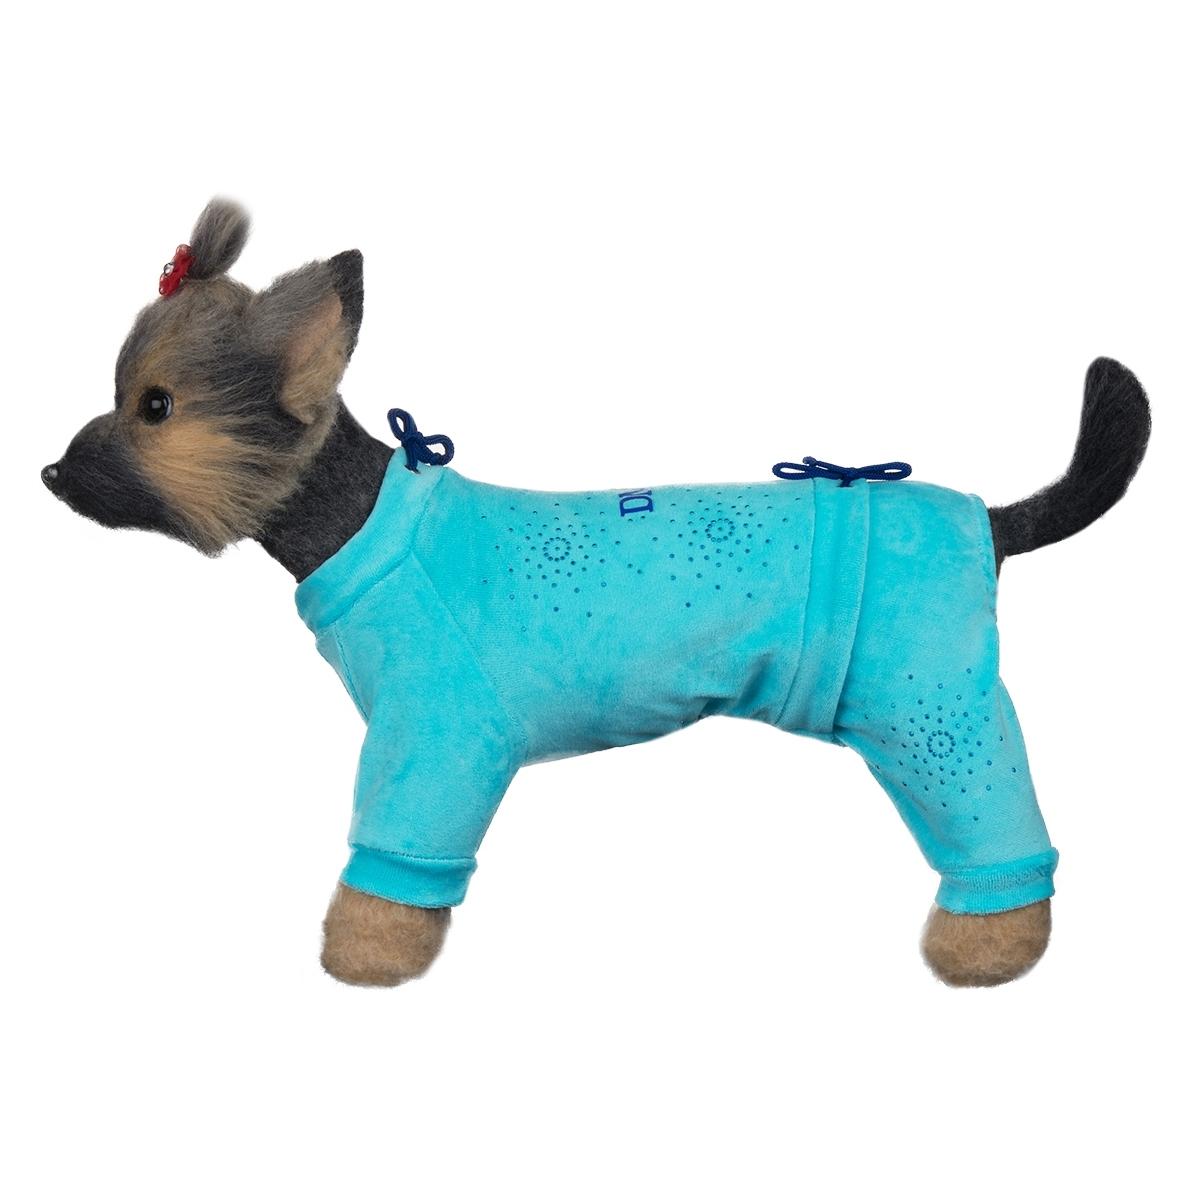 Dogmoda Комбинезон велюровый для собак Галактика-2 (голубой)DM-160107-2Красивый и уютный велюровый комбинезон модного цвета, украшен стразами. Две затяжки - на шее и животе, позволят этому комбинезону идеально сидеть на собаке любого телосложения.